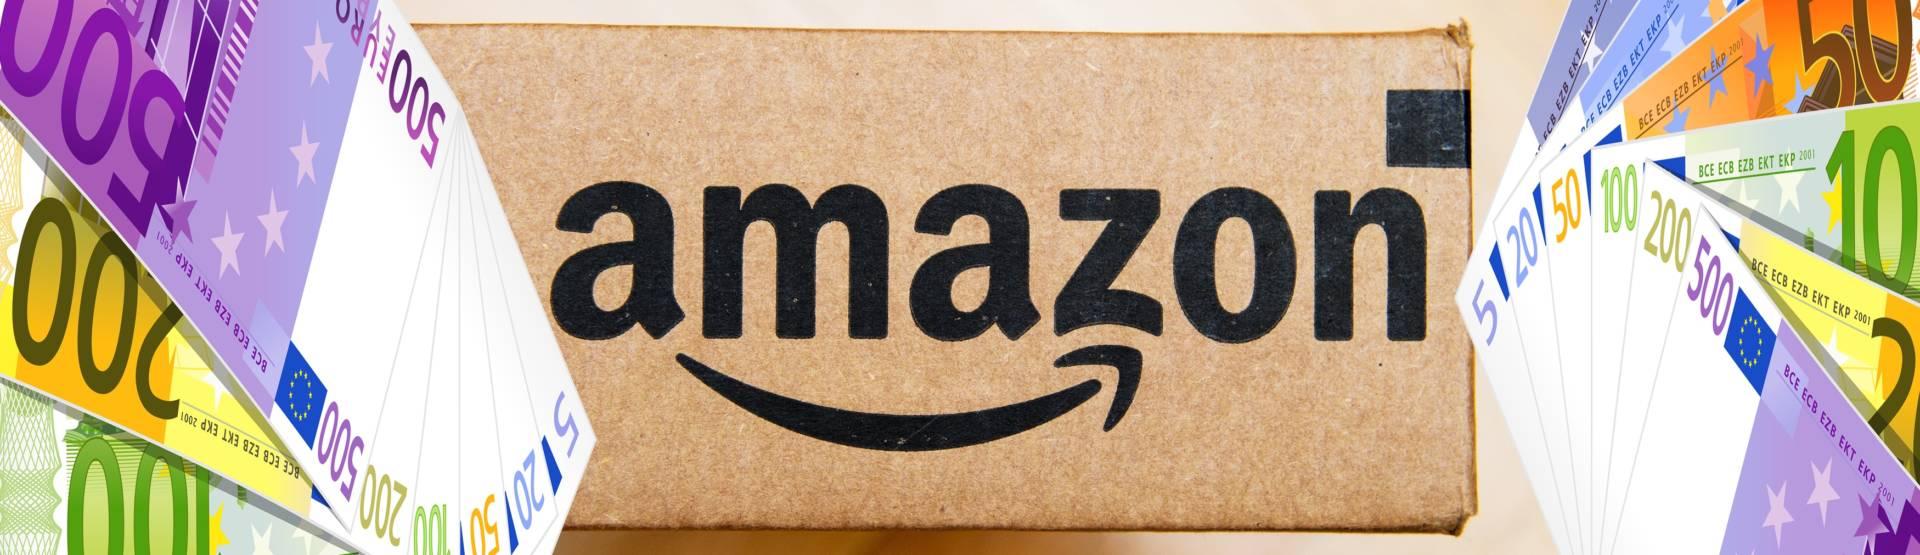 Pagamento a rate su Amazon: attivo il servizio in Italia